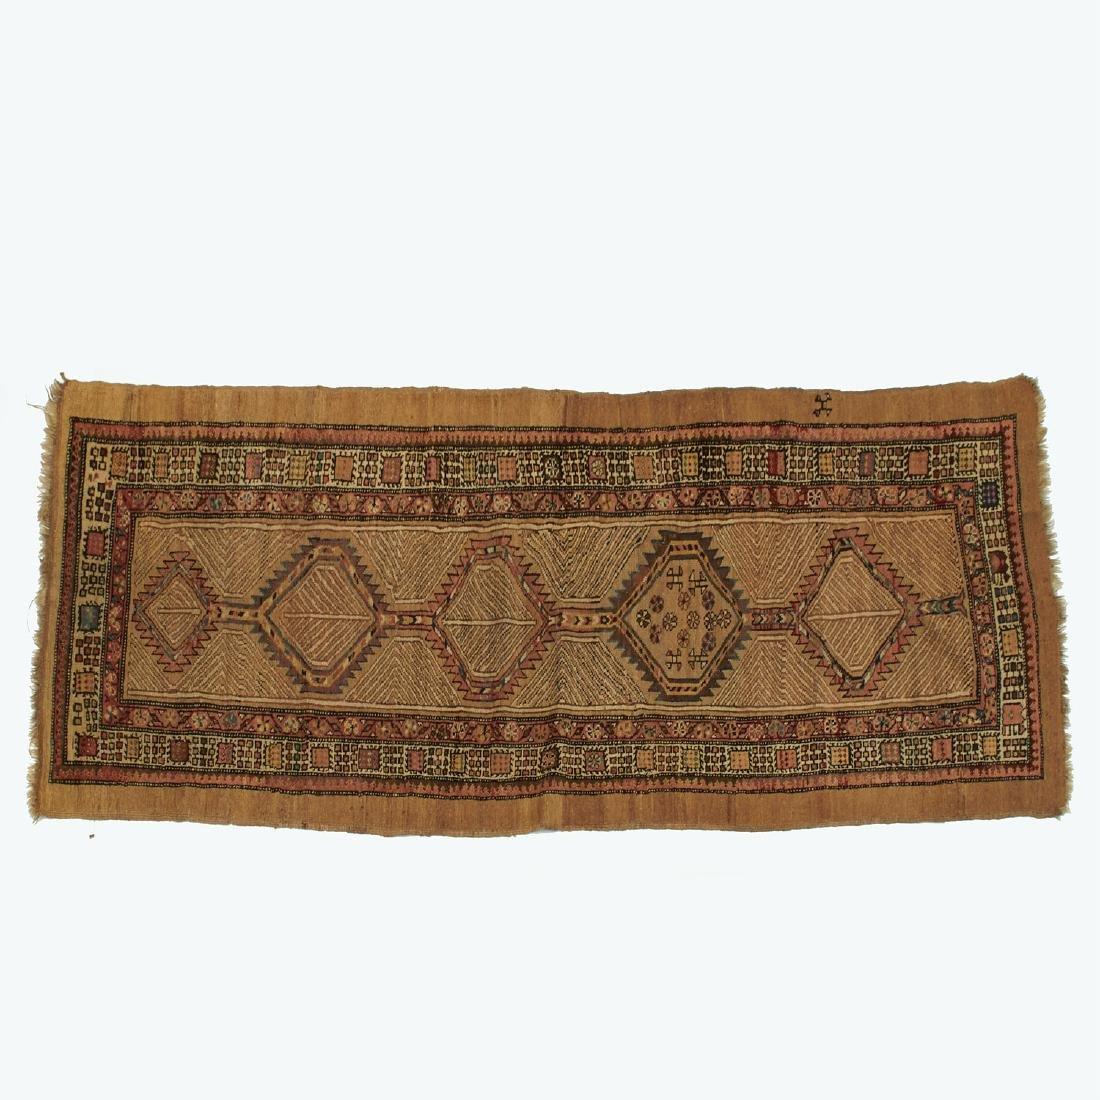 Karabagh camel hair rug